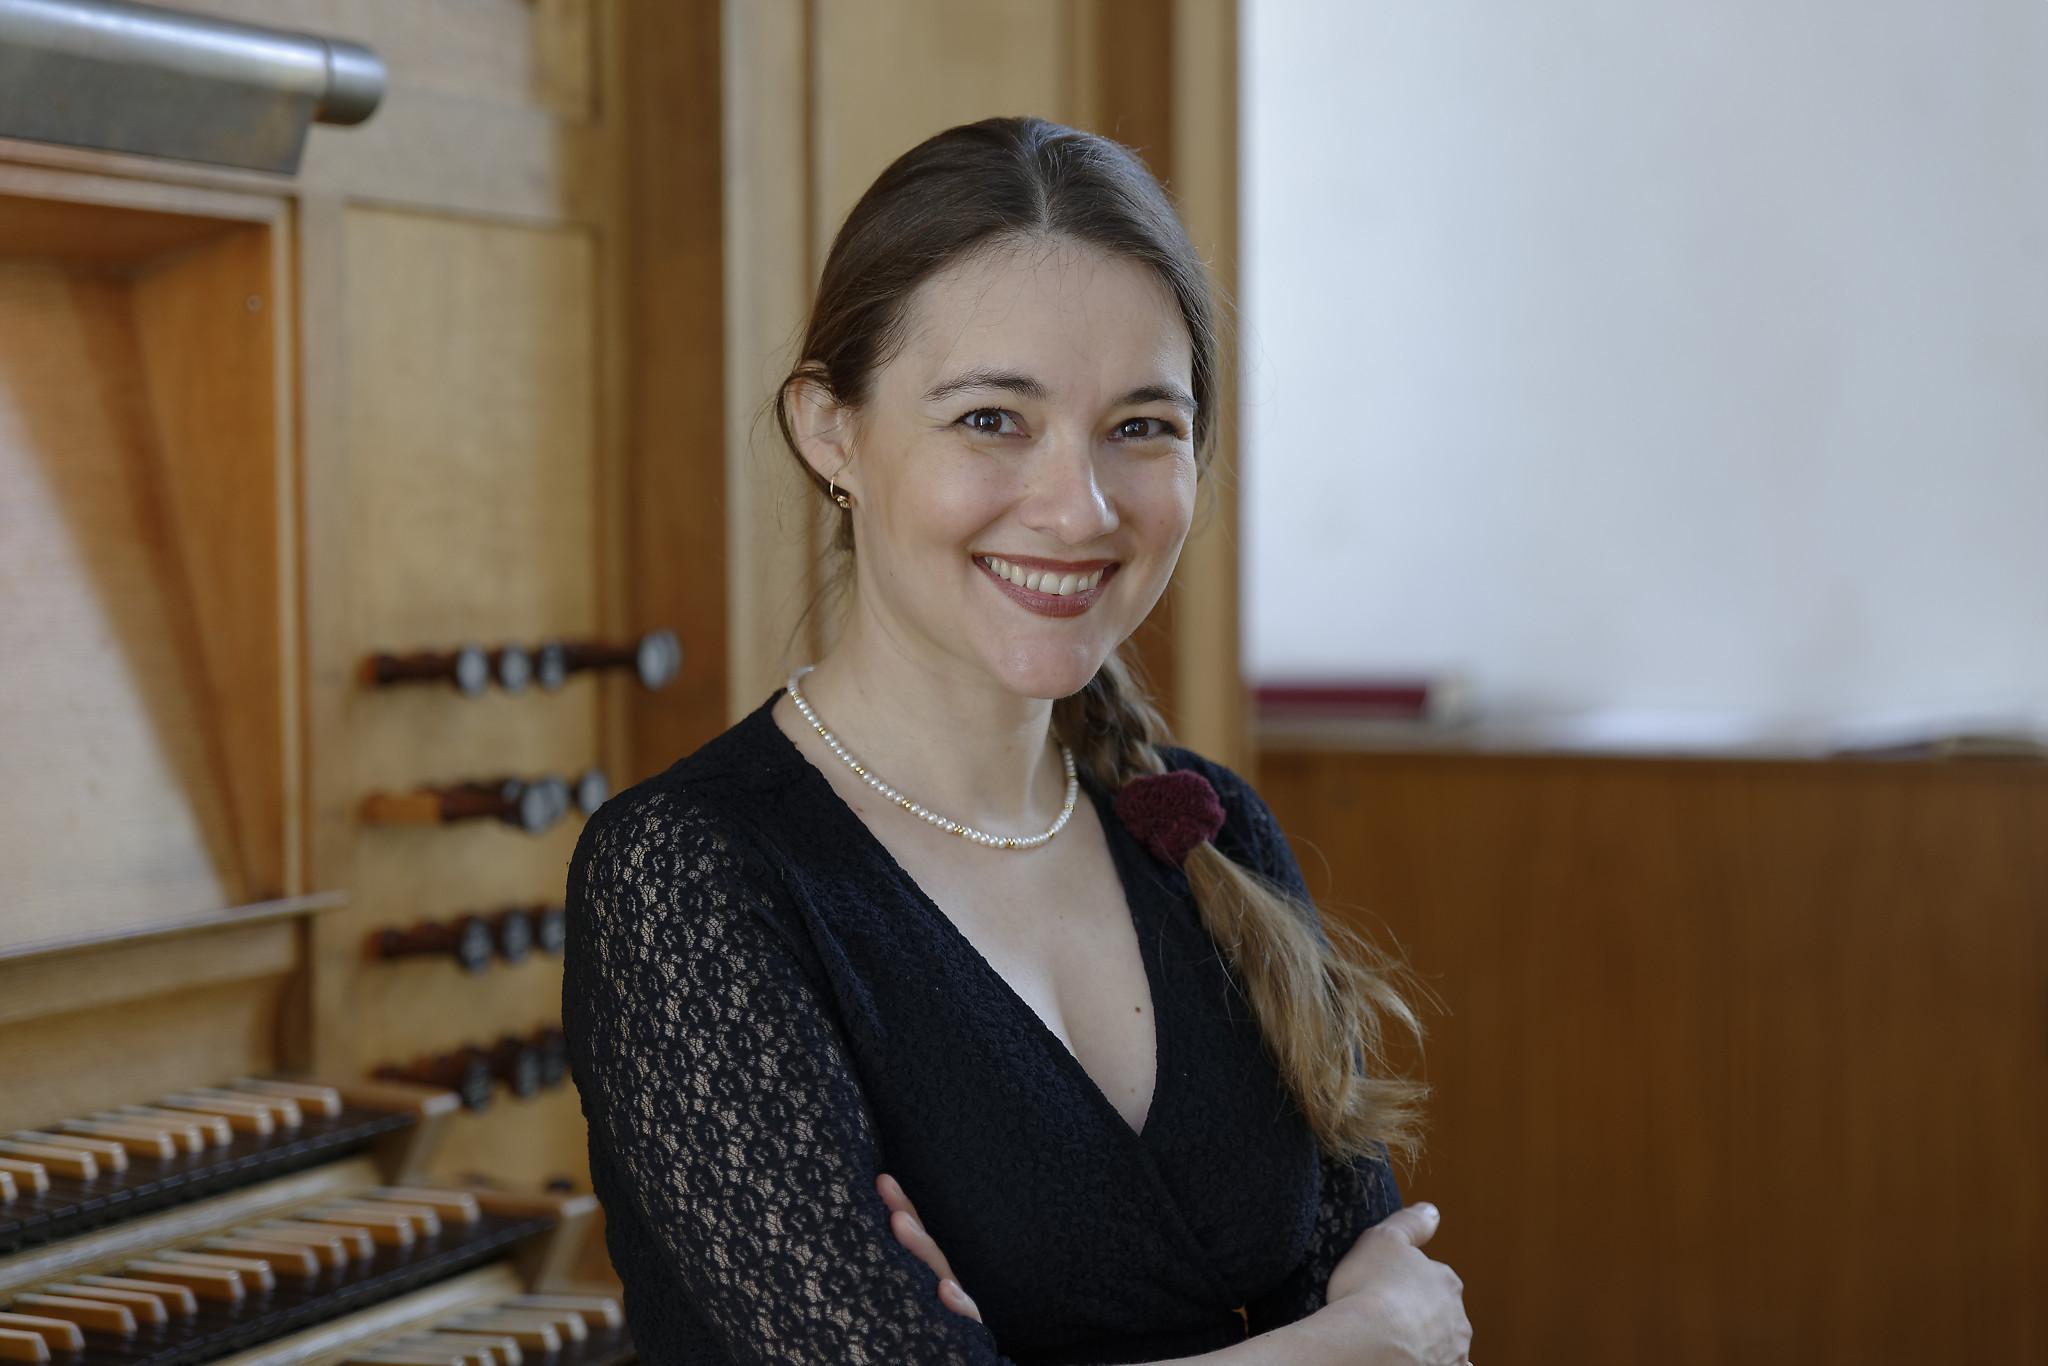 Piano-koffieconcert door Lidia Ksiazkiewicz in Wognum